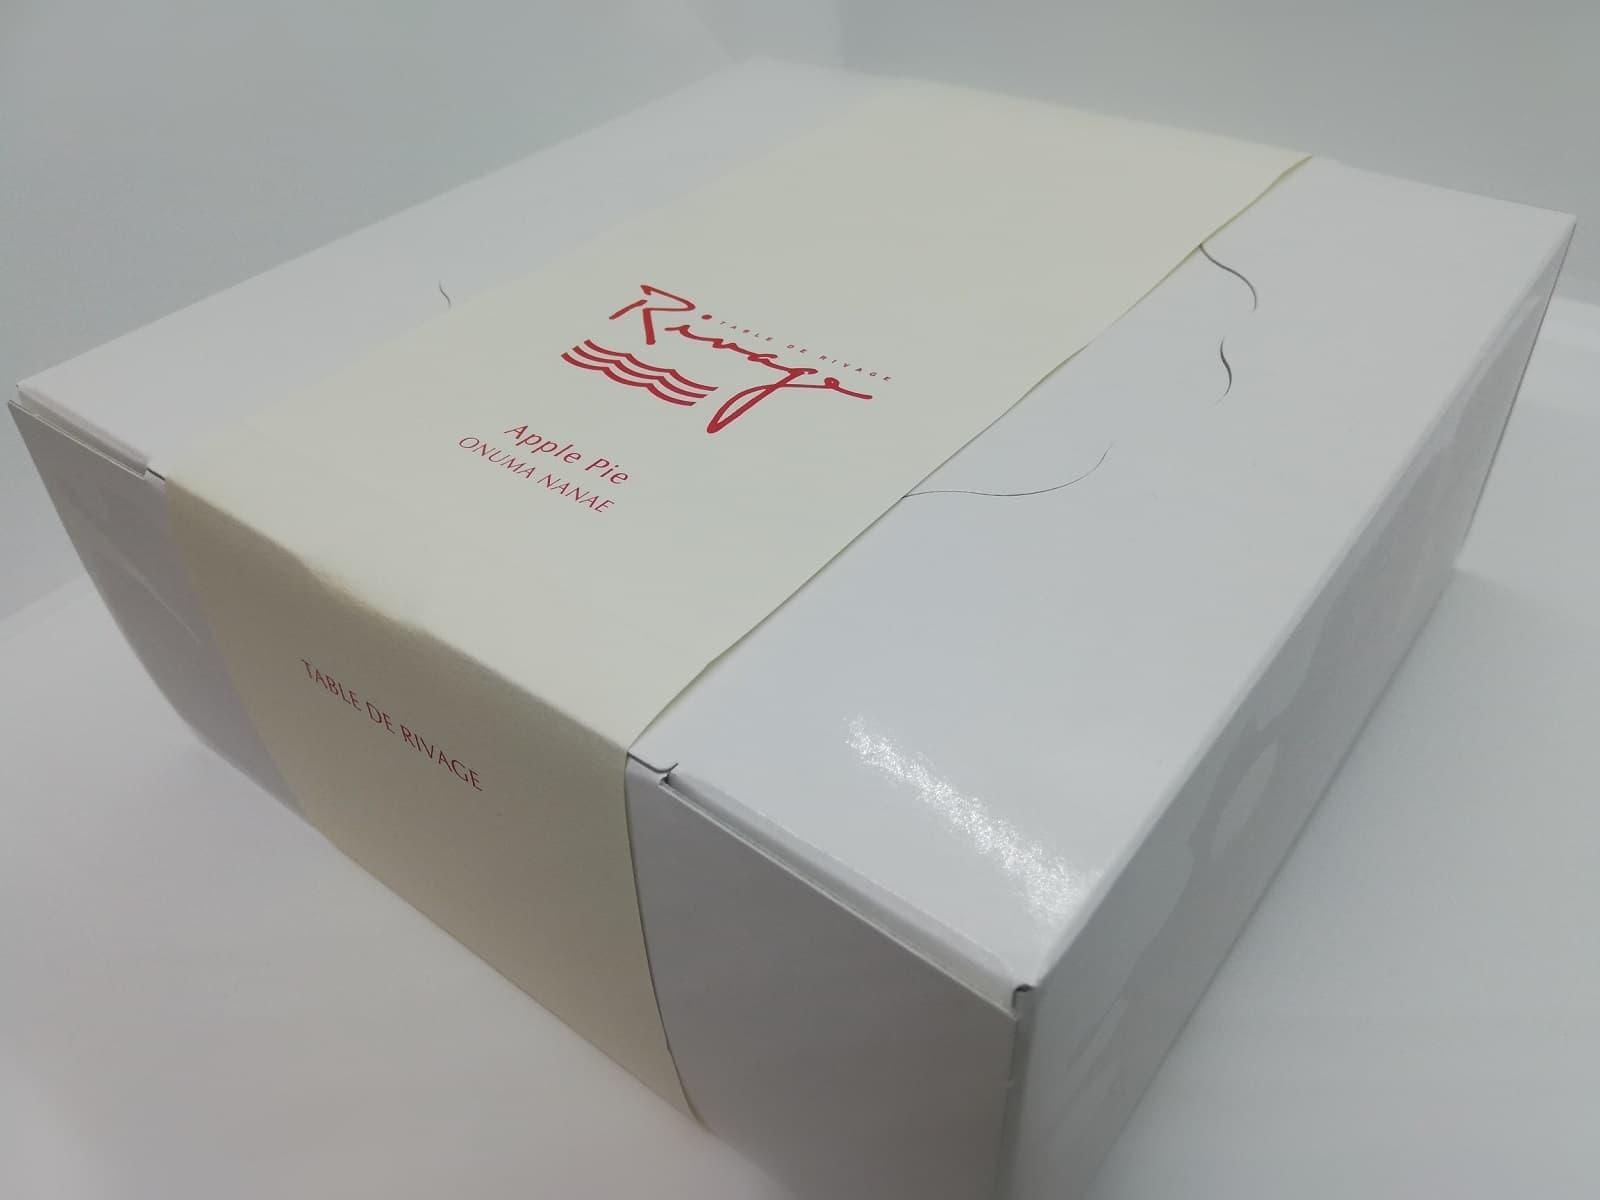 ターブル・ドゥ・リバージュのアップルパイの箱